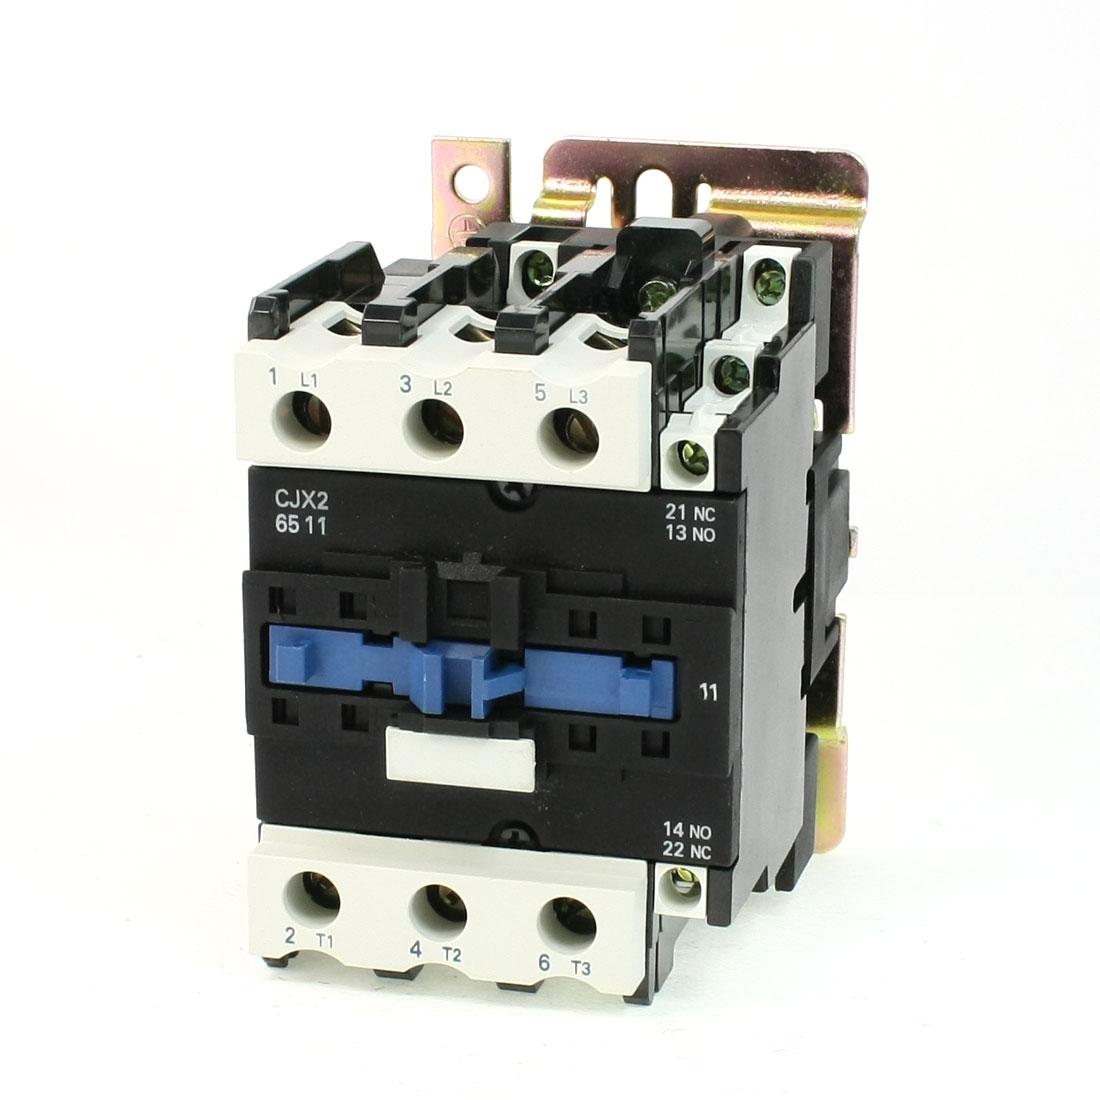 Motor Control AC Contactor AC-3 37KW 80A 3P 3 Pole 110V-120V Volts Coil